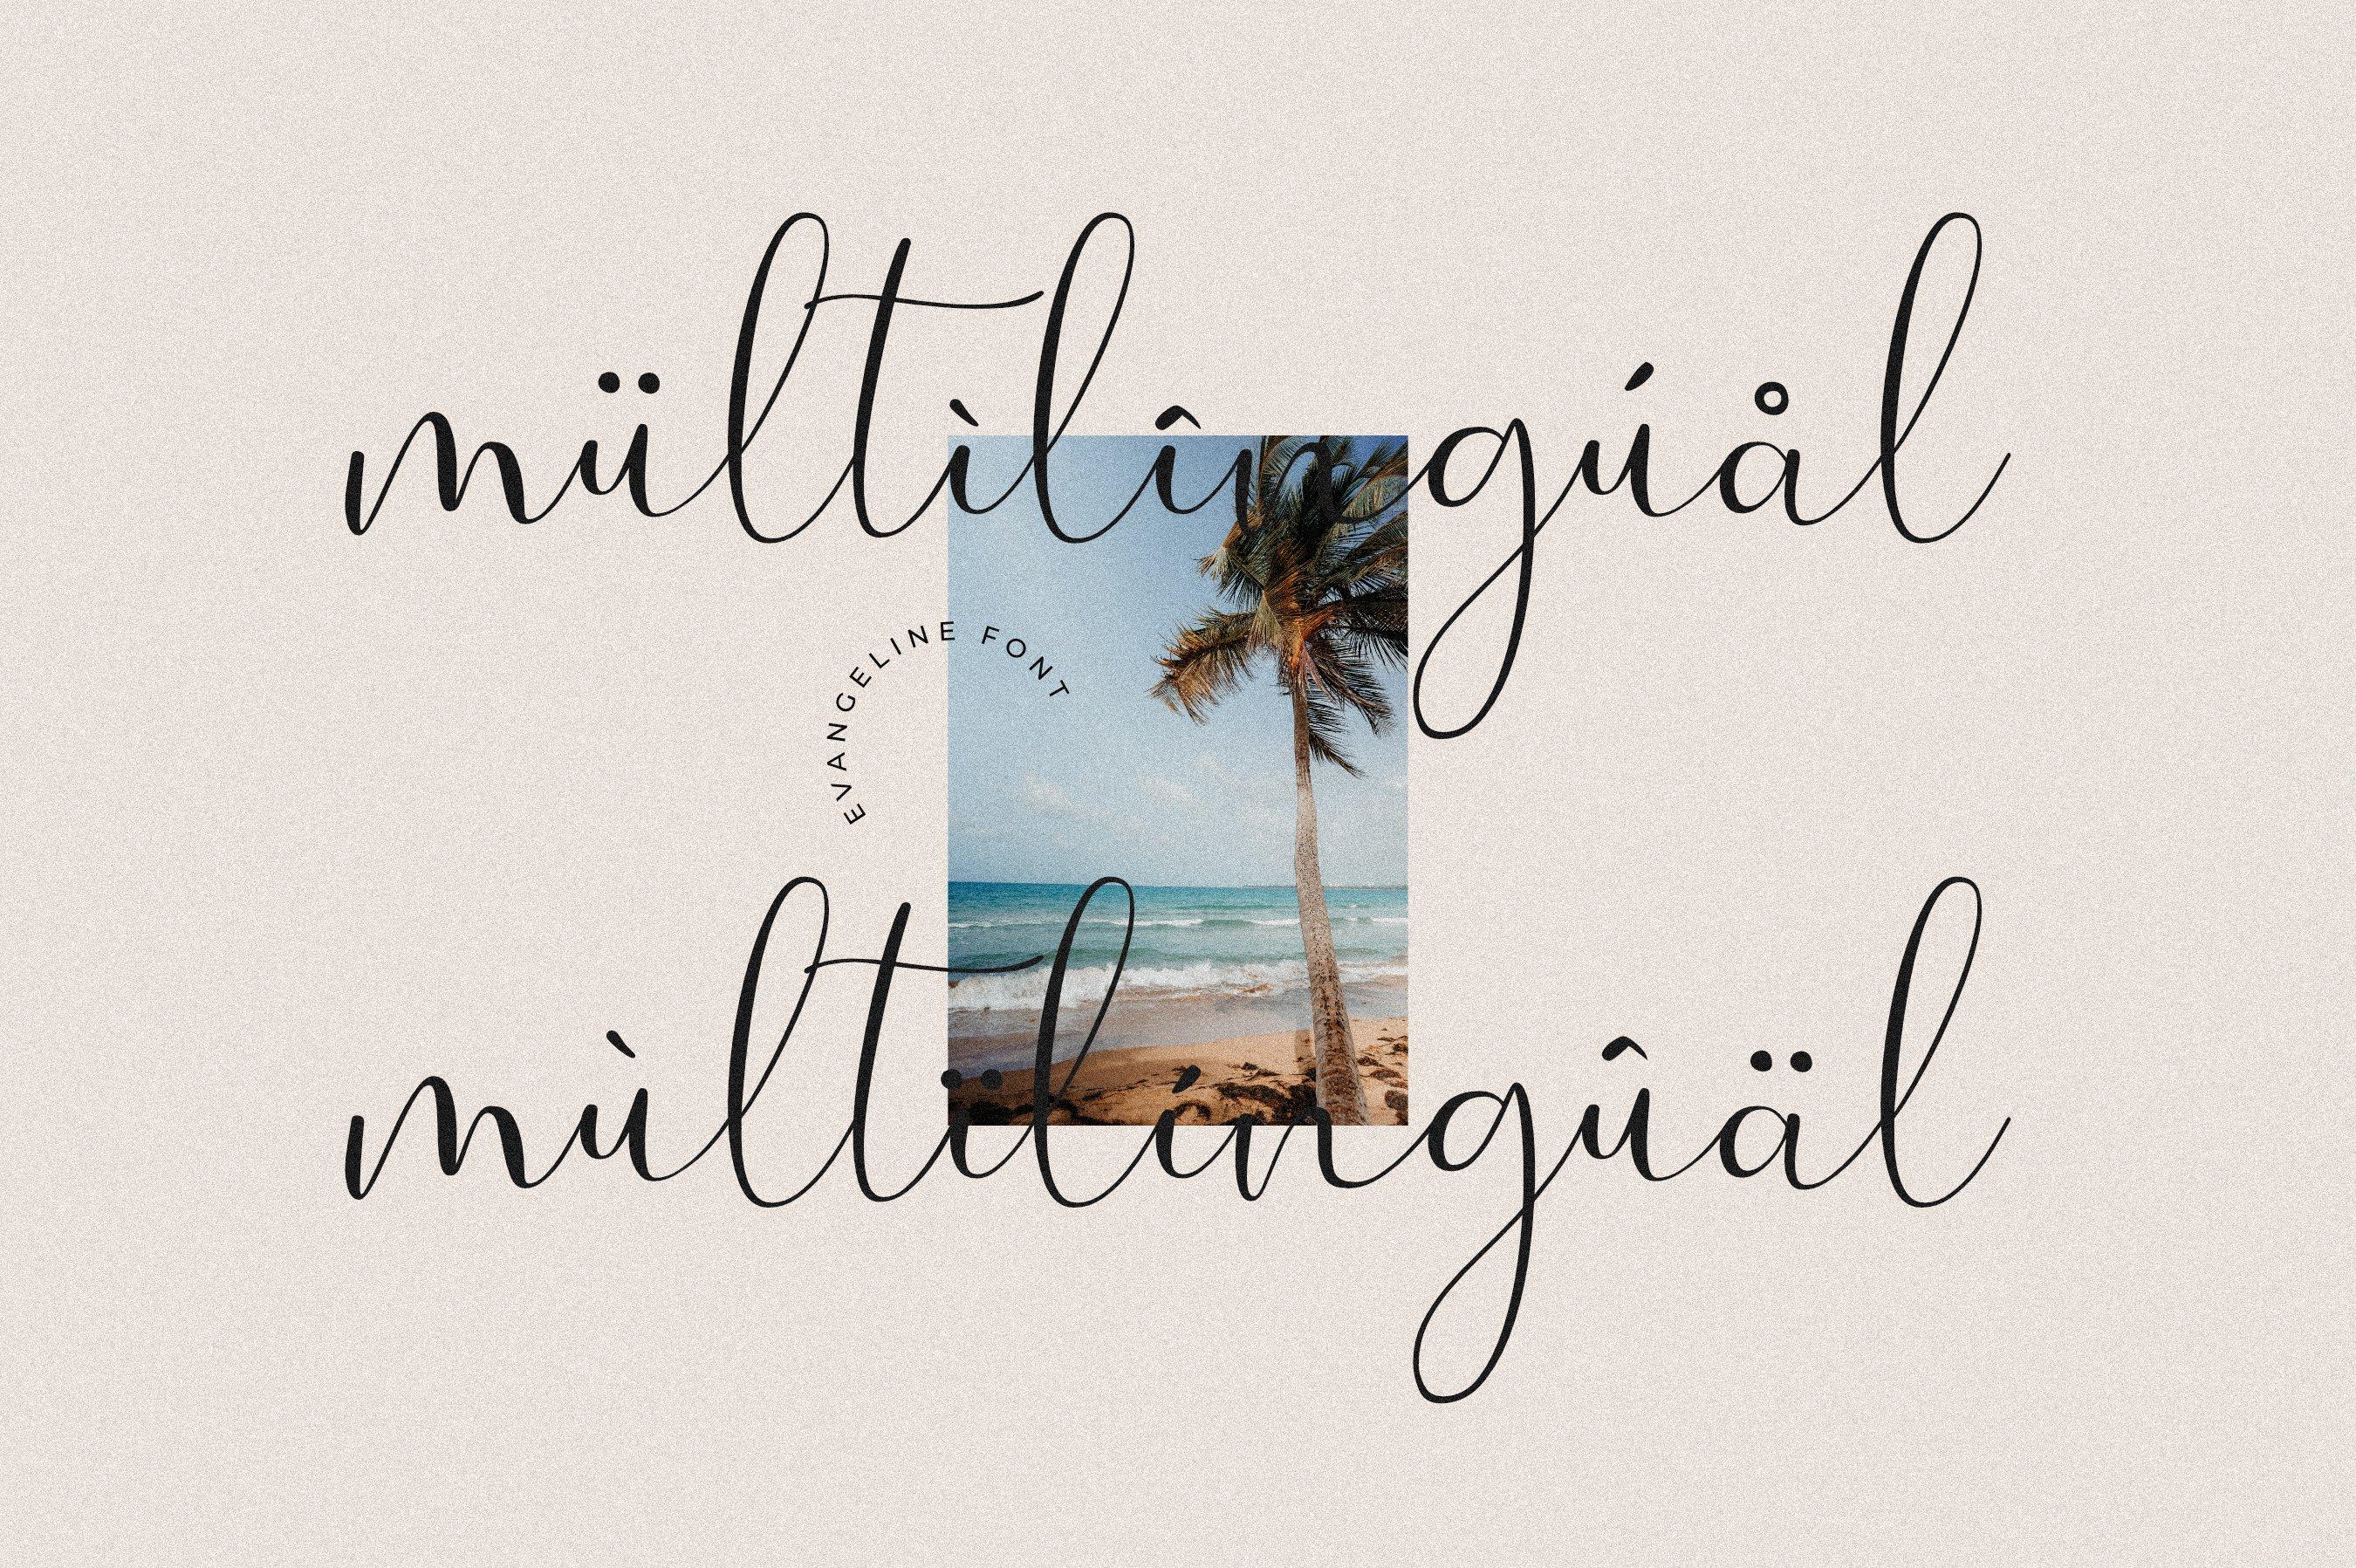 现代优雅品牌徽标Logo手写英文字体设计素材 Evangelina Font插图8